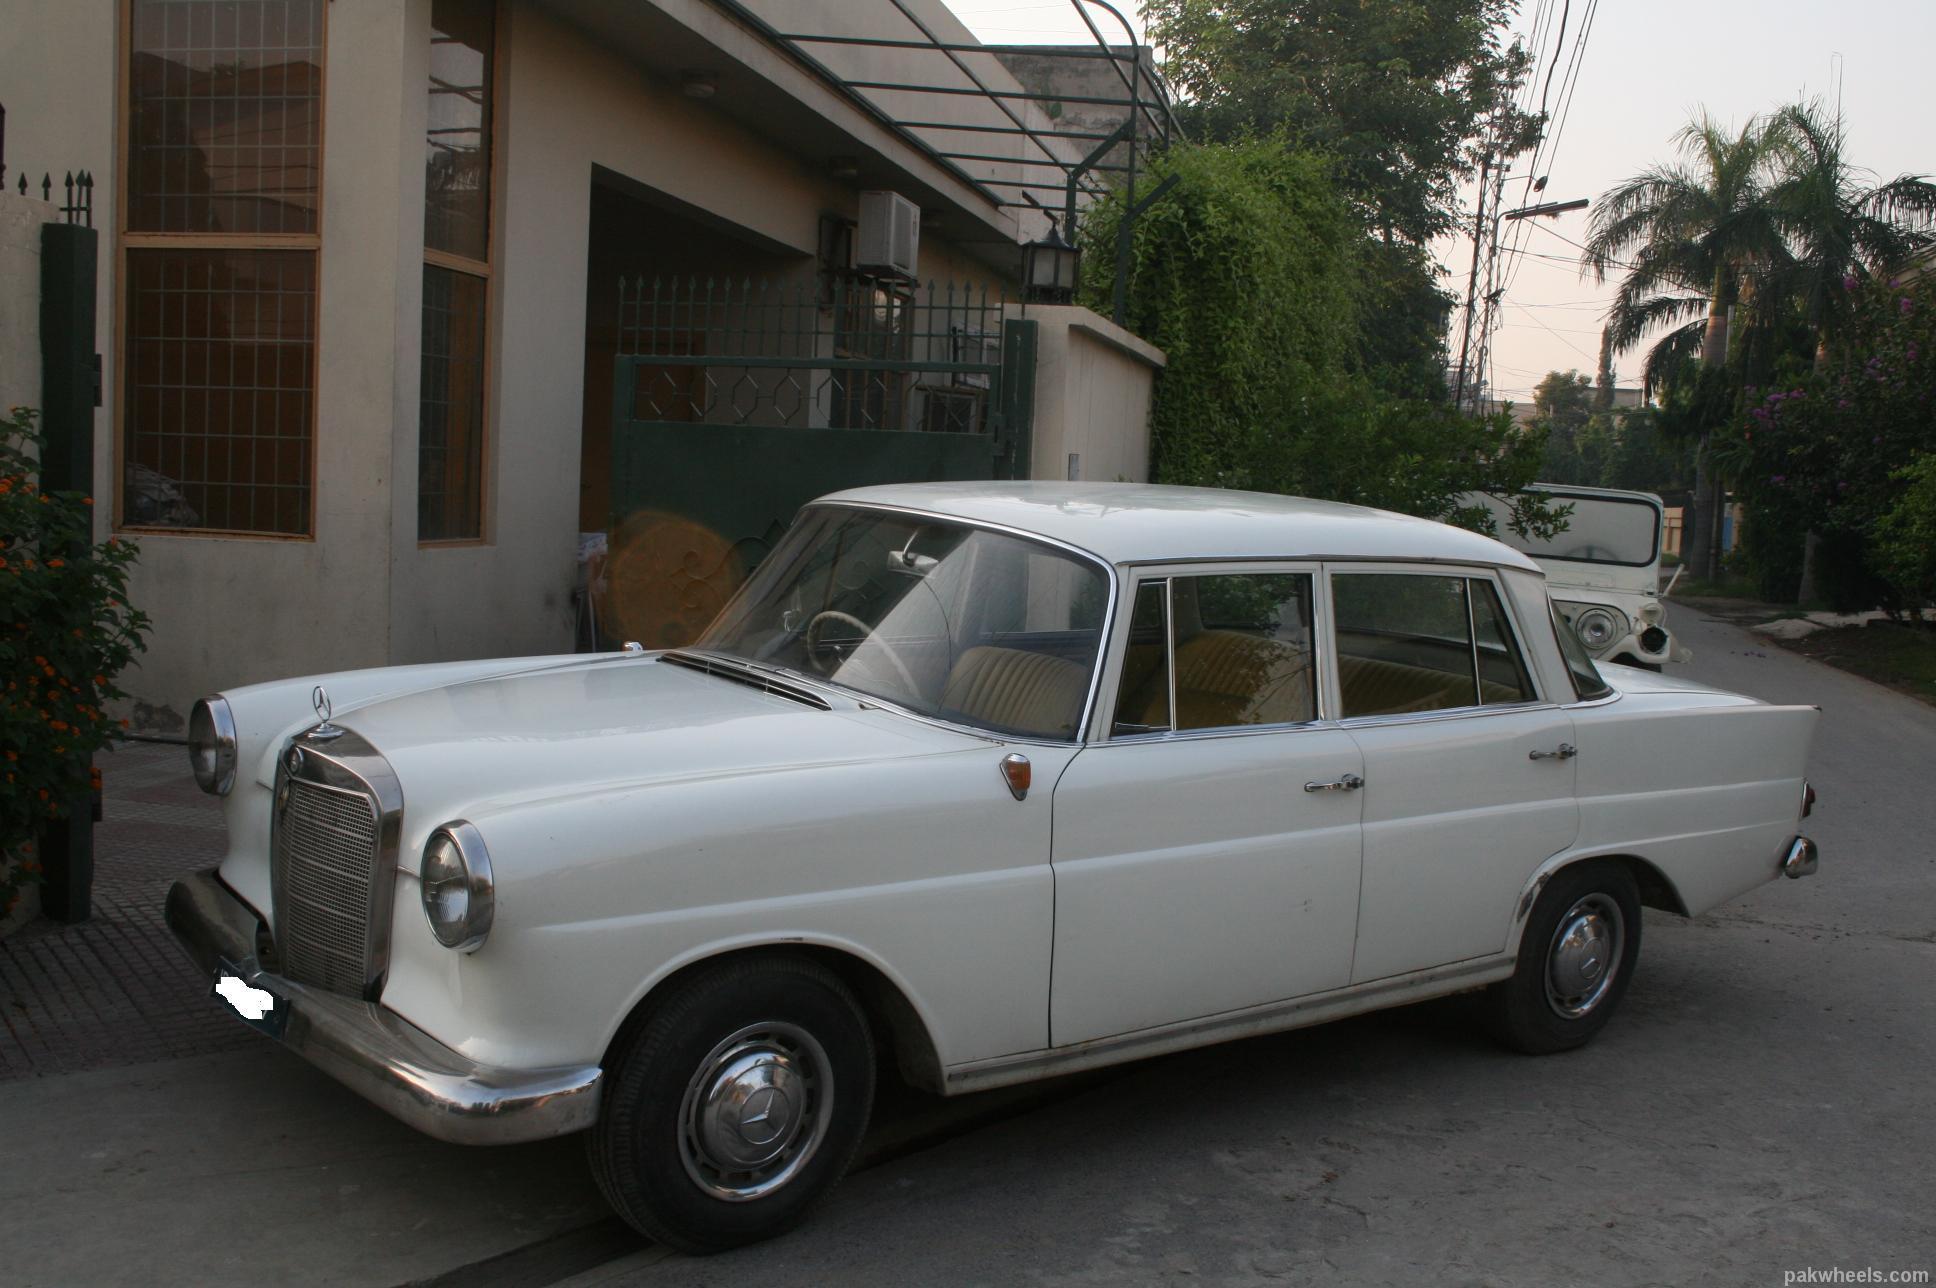 Mercedes Benz S Class - 1960 merc Image-1